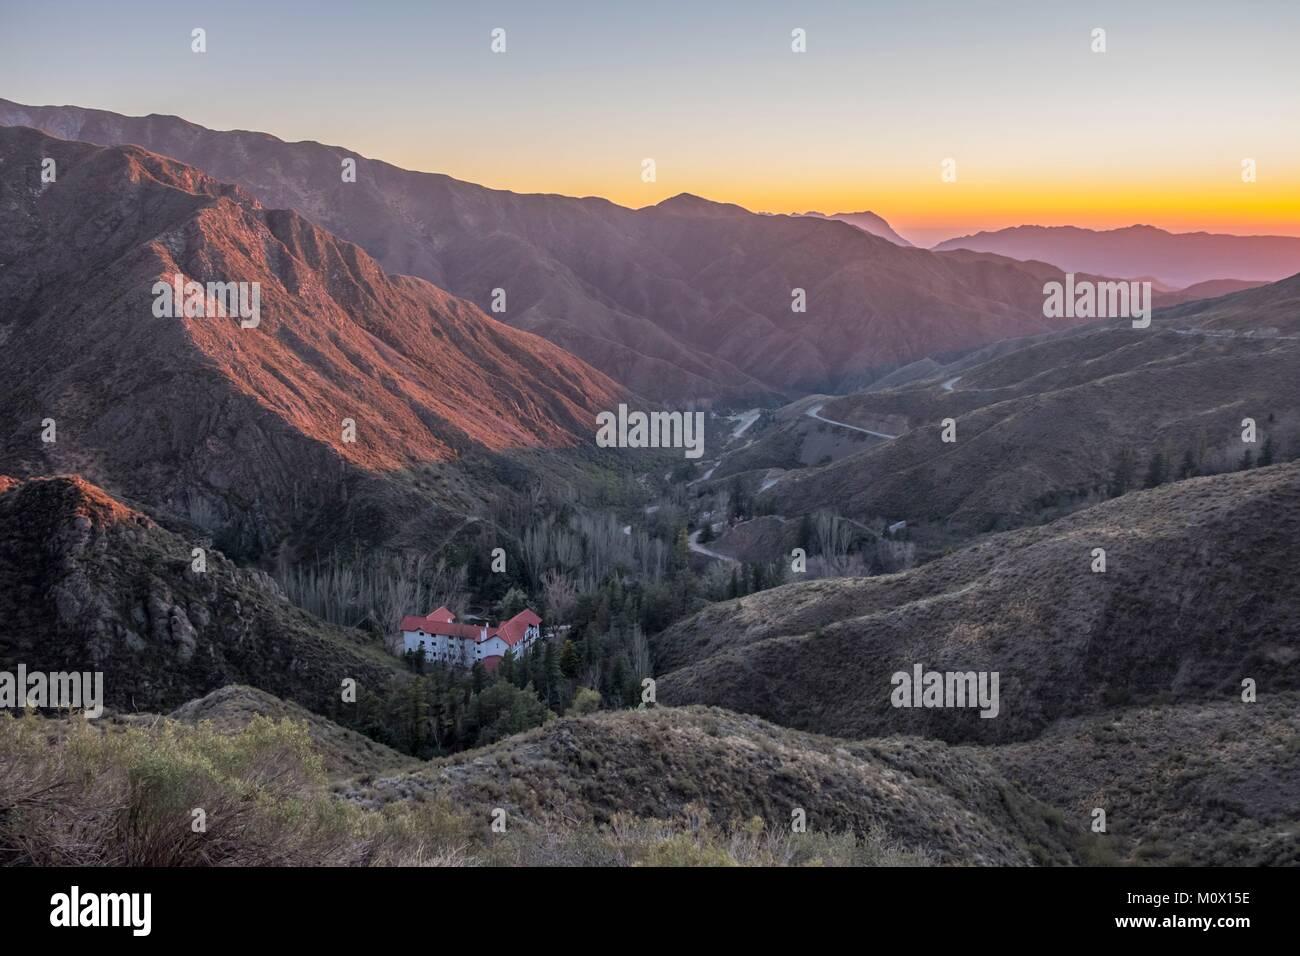 Argentina,Mendoza Province,Villavicencio,road into Villavicencio Nature Preserve Stock Photo